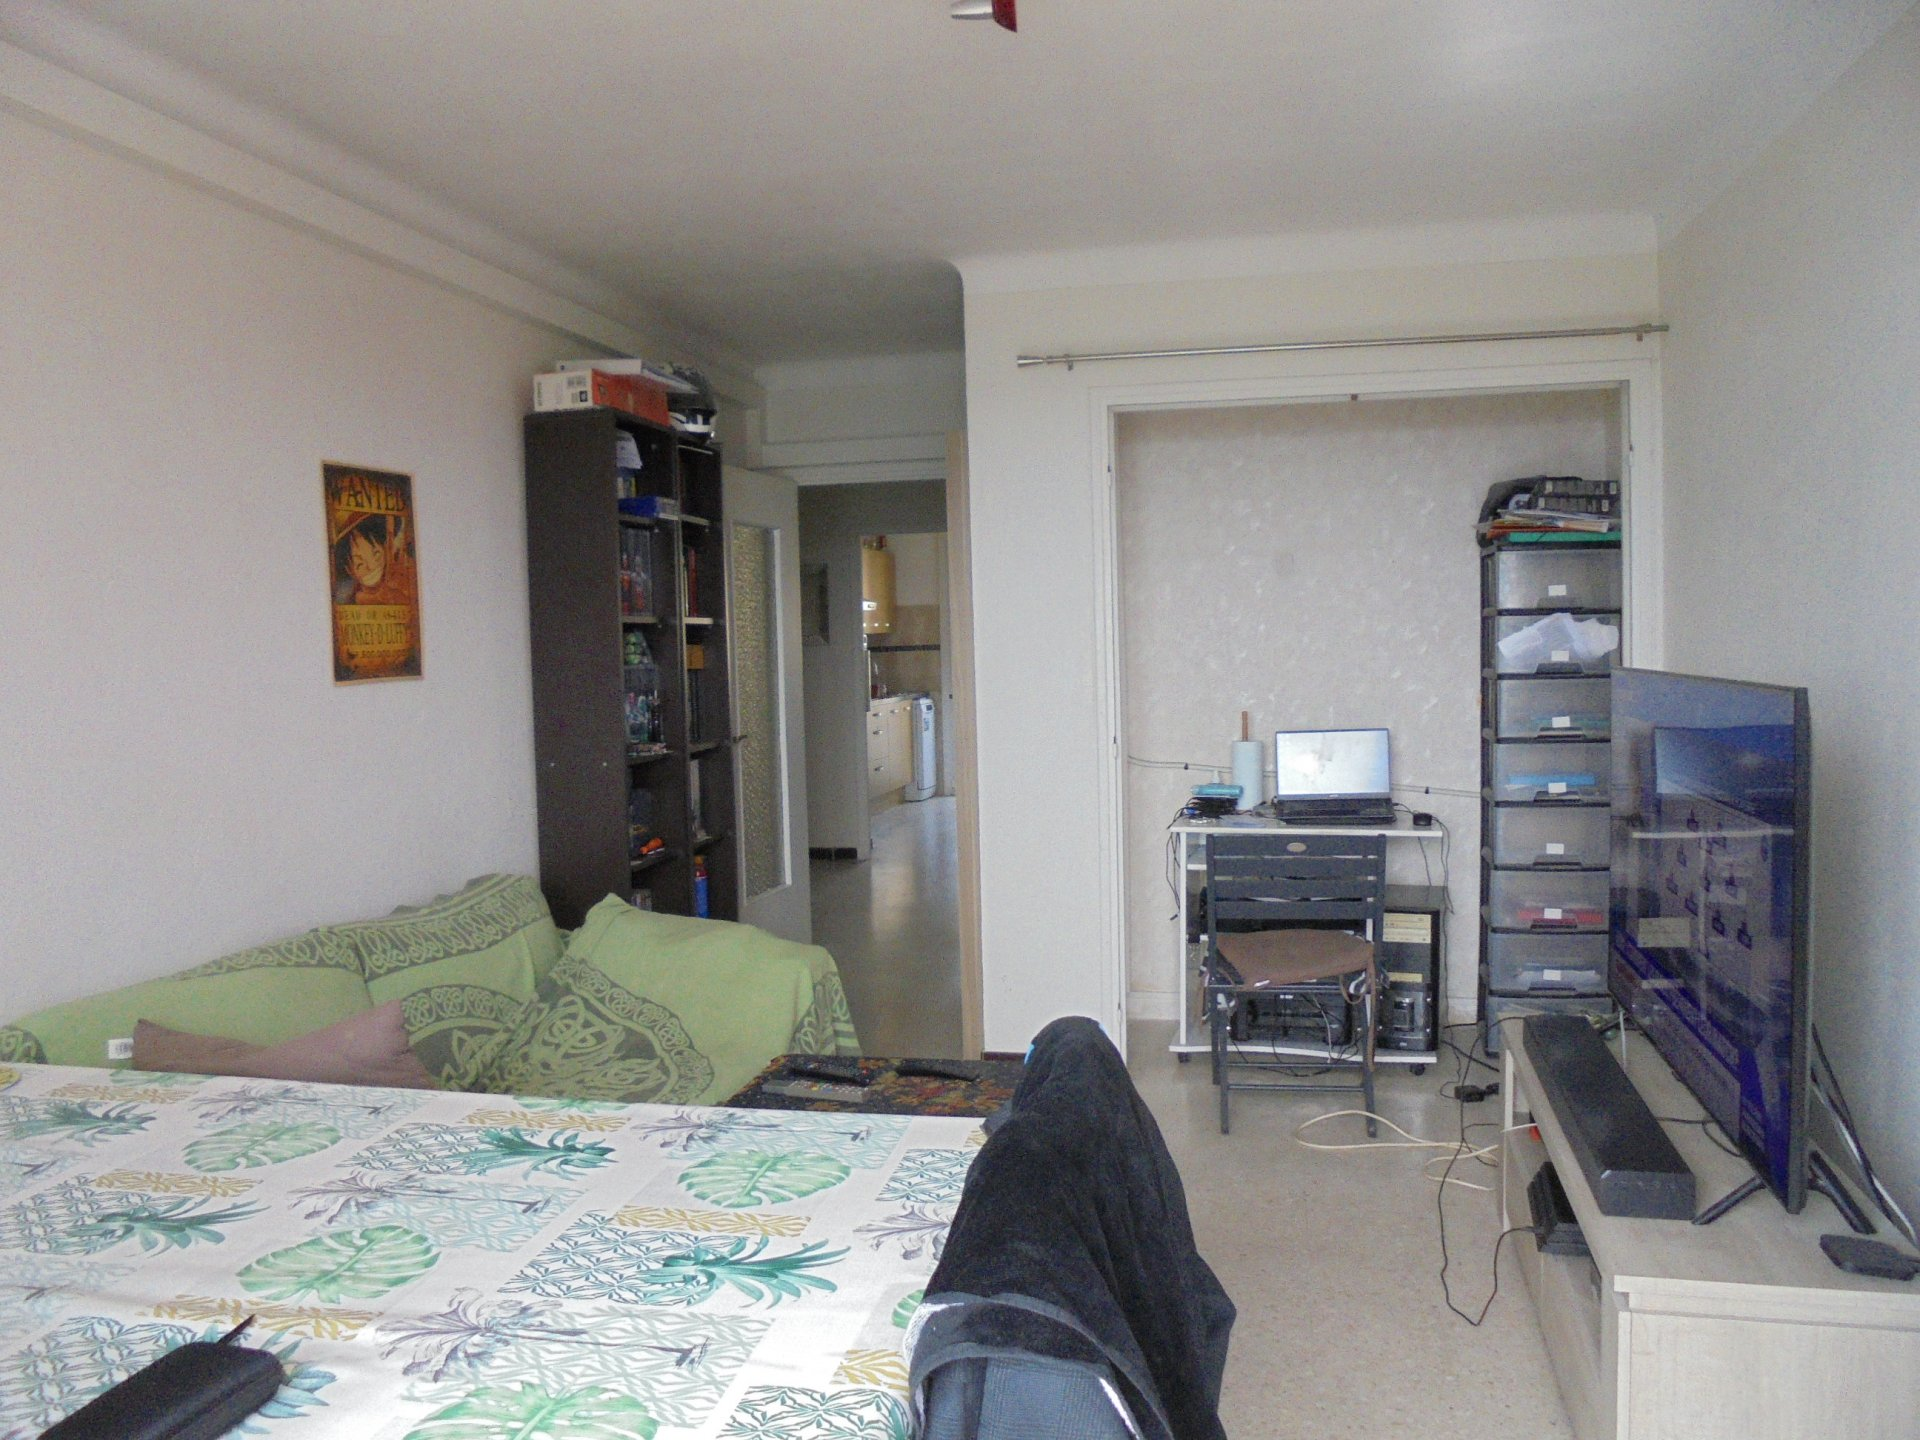 GRASSE, Dernier étage Appartement 2 Pièces, Terrasse, Vue, Garage